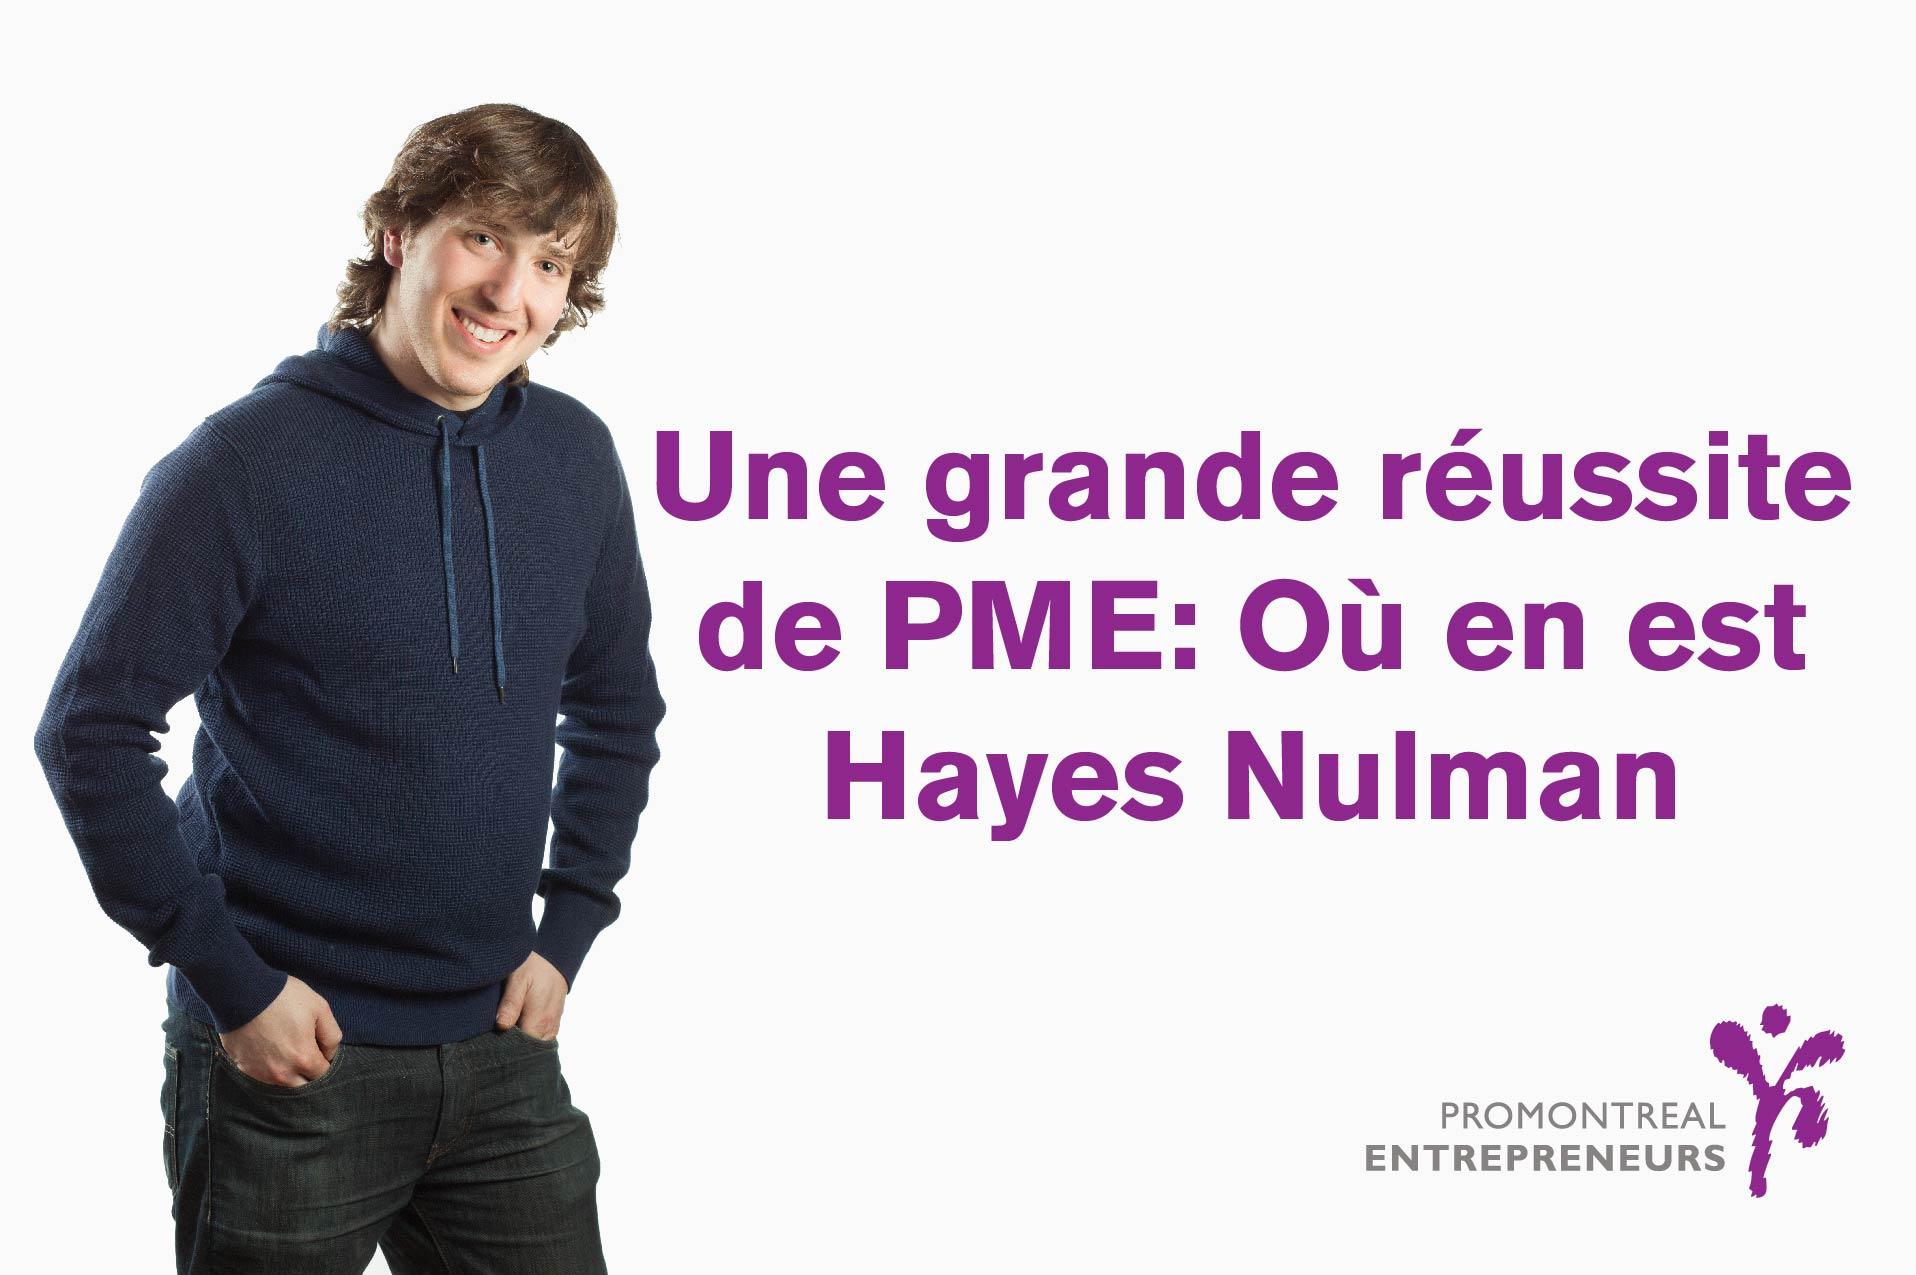 reussite,hayes Nulman